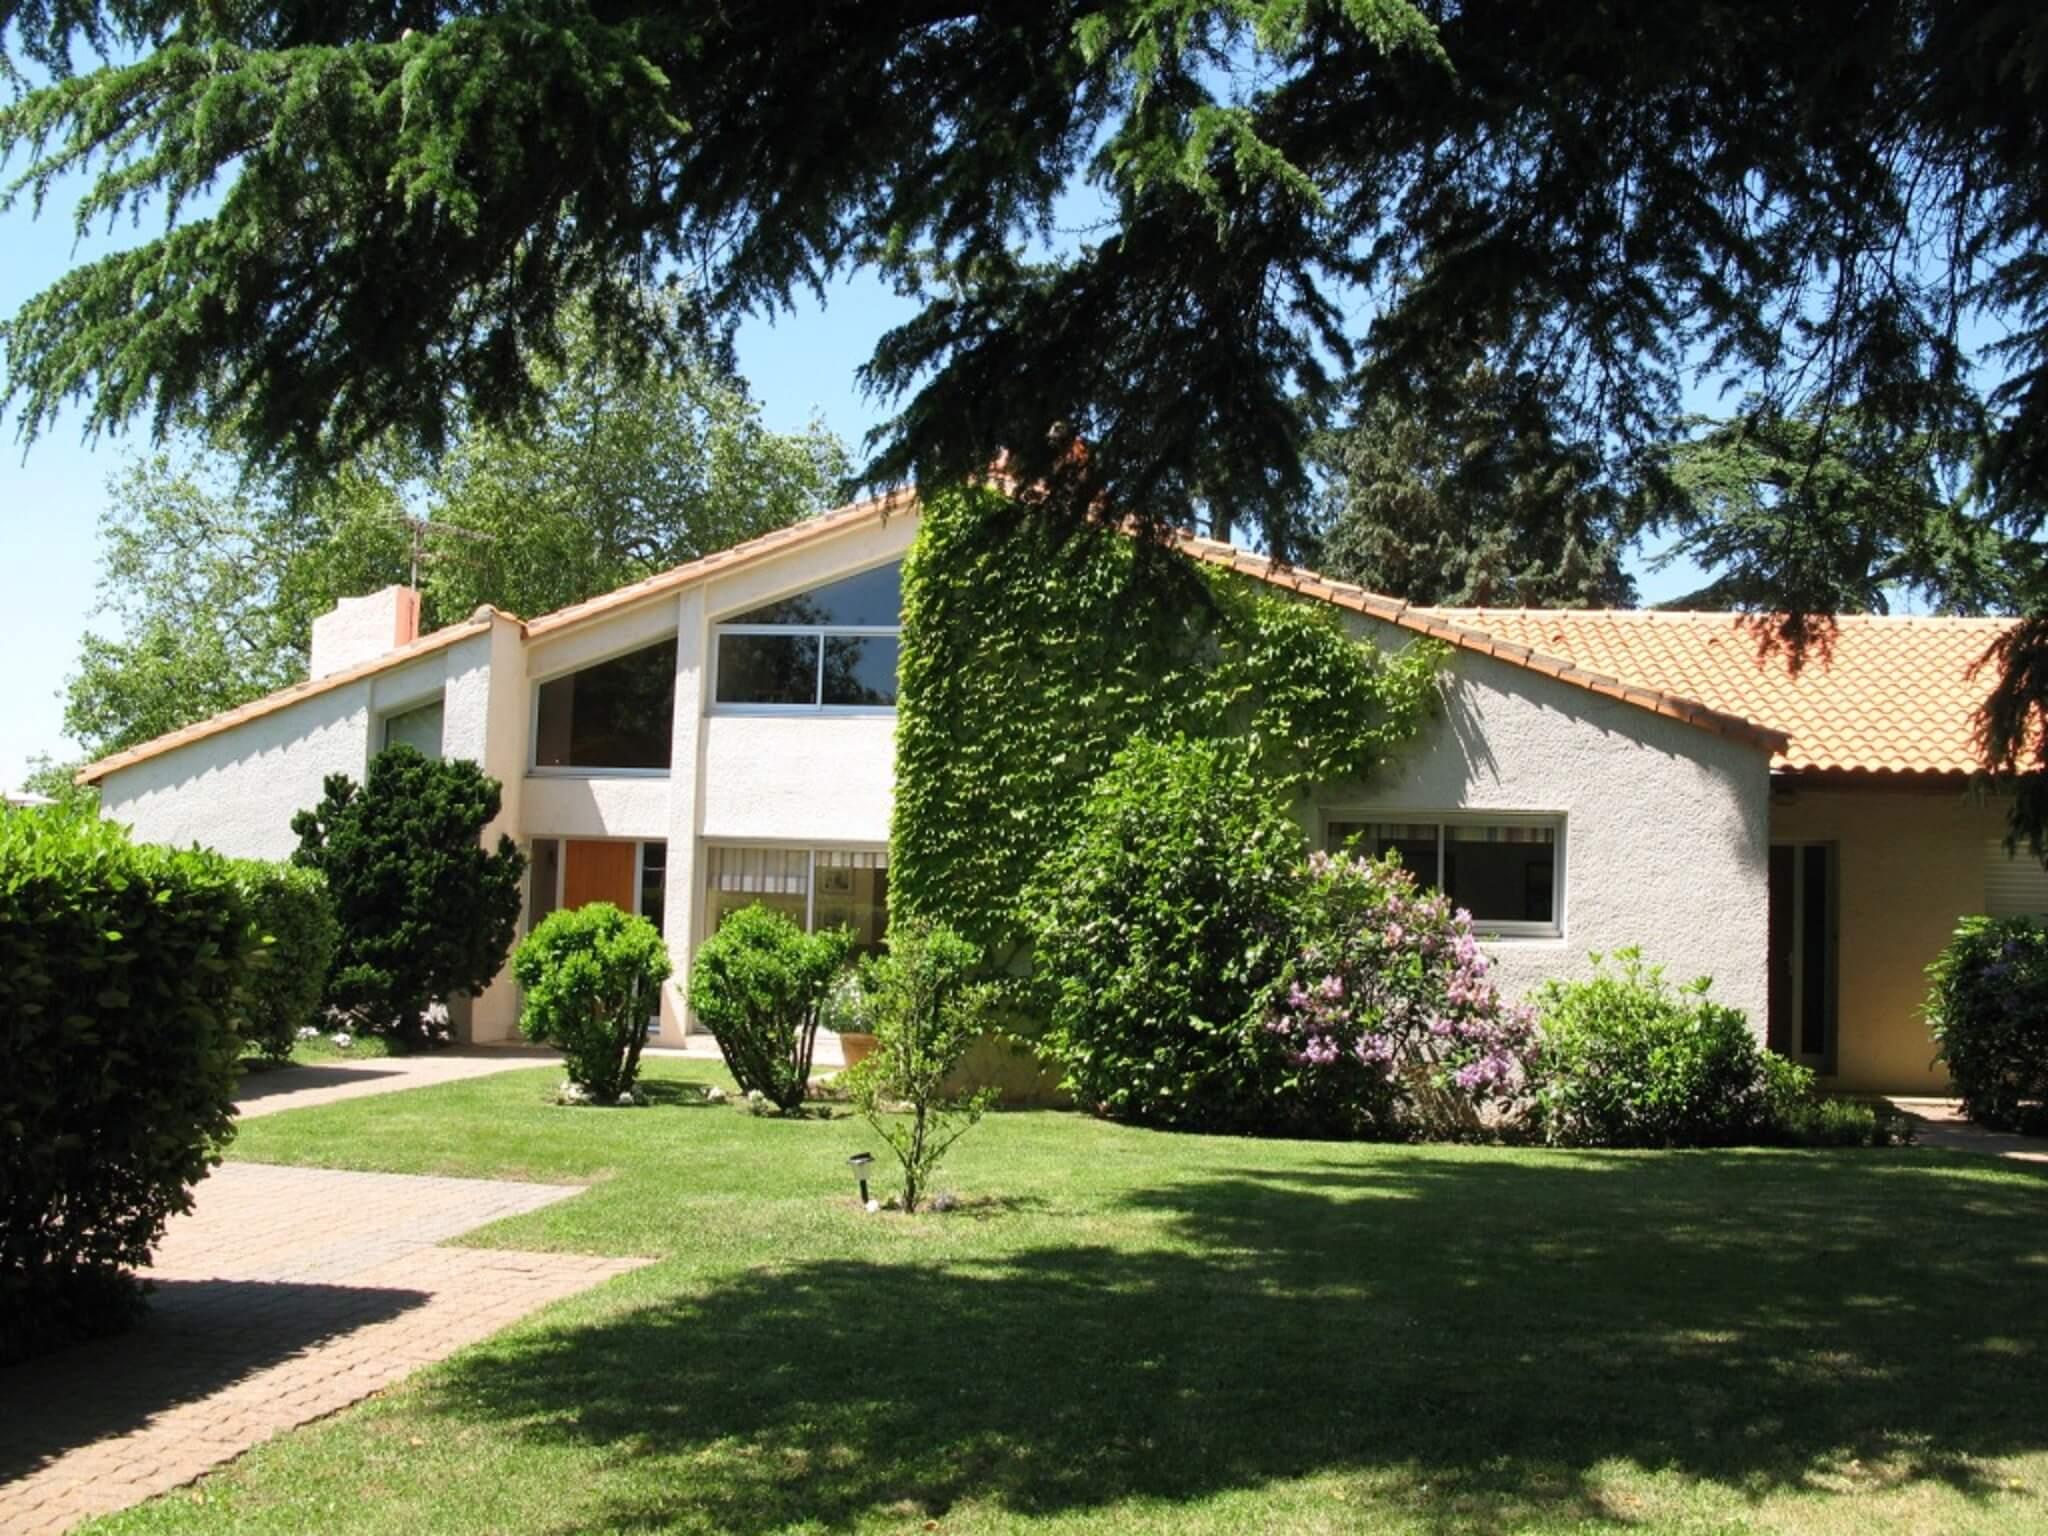 maison d'hotes le logis du parc - maison de charme en Vendée